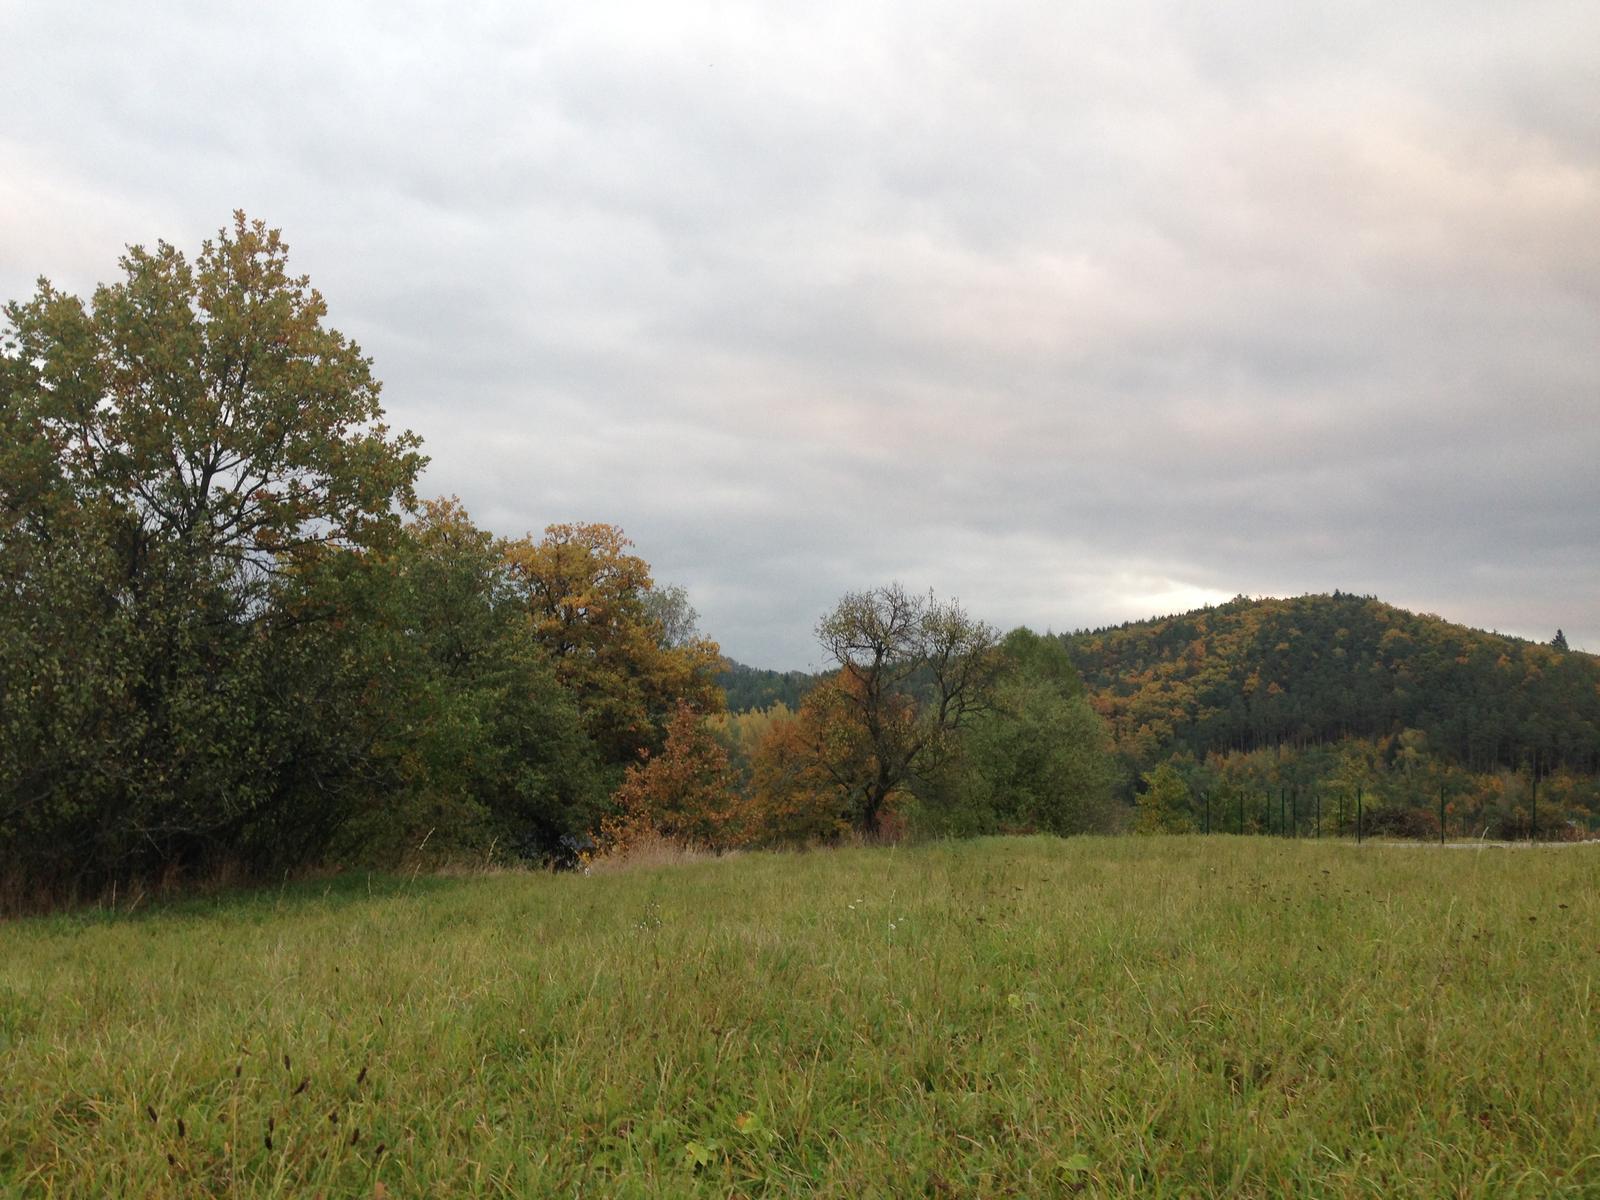 Zhyň ty trnko roztahovačná, aneb pokořili jsme náletové křoví, které ubíralo nejen našemu pozemku, ale i okolním vzrostlým dubům... - Obrázek č. 3